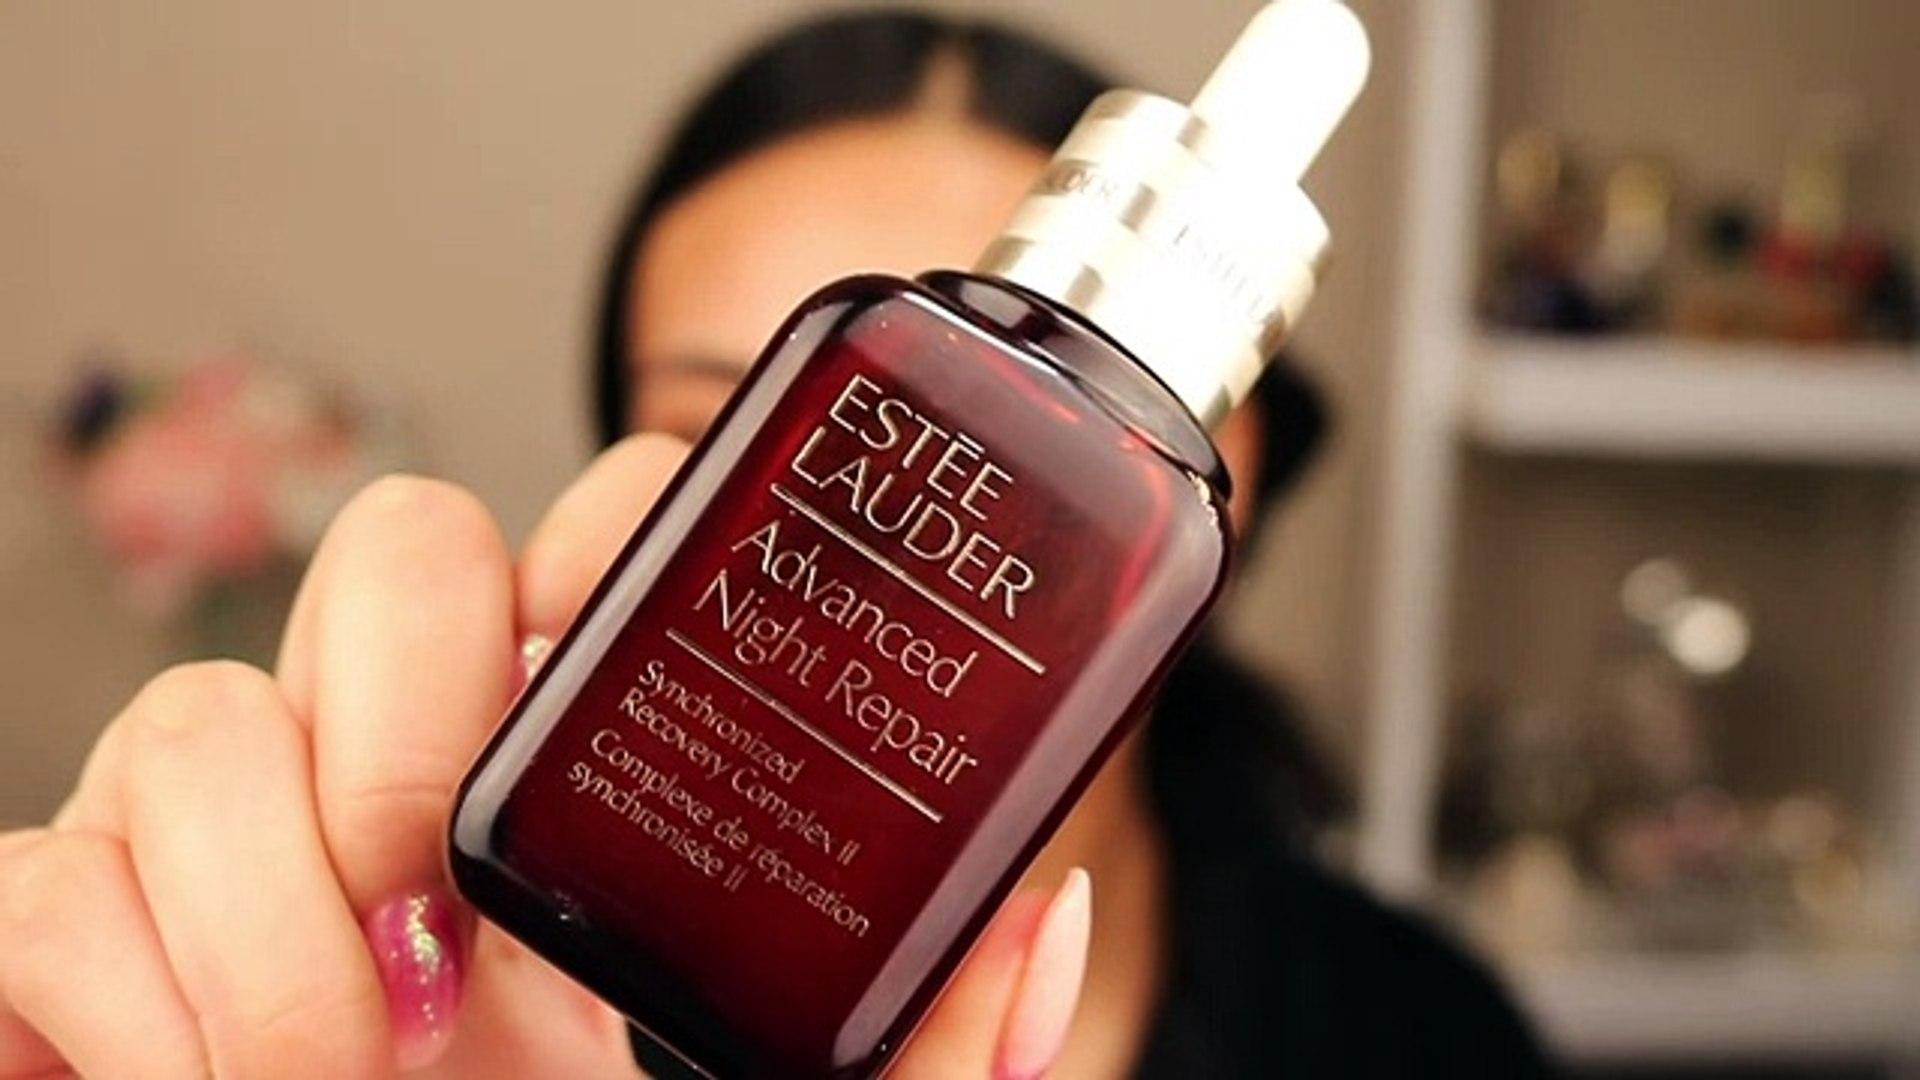 My Night Routine  Estee Lauder Skincare Night Ritual